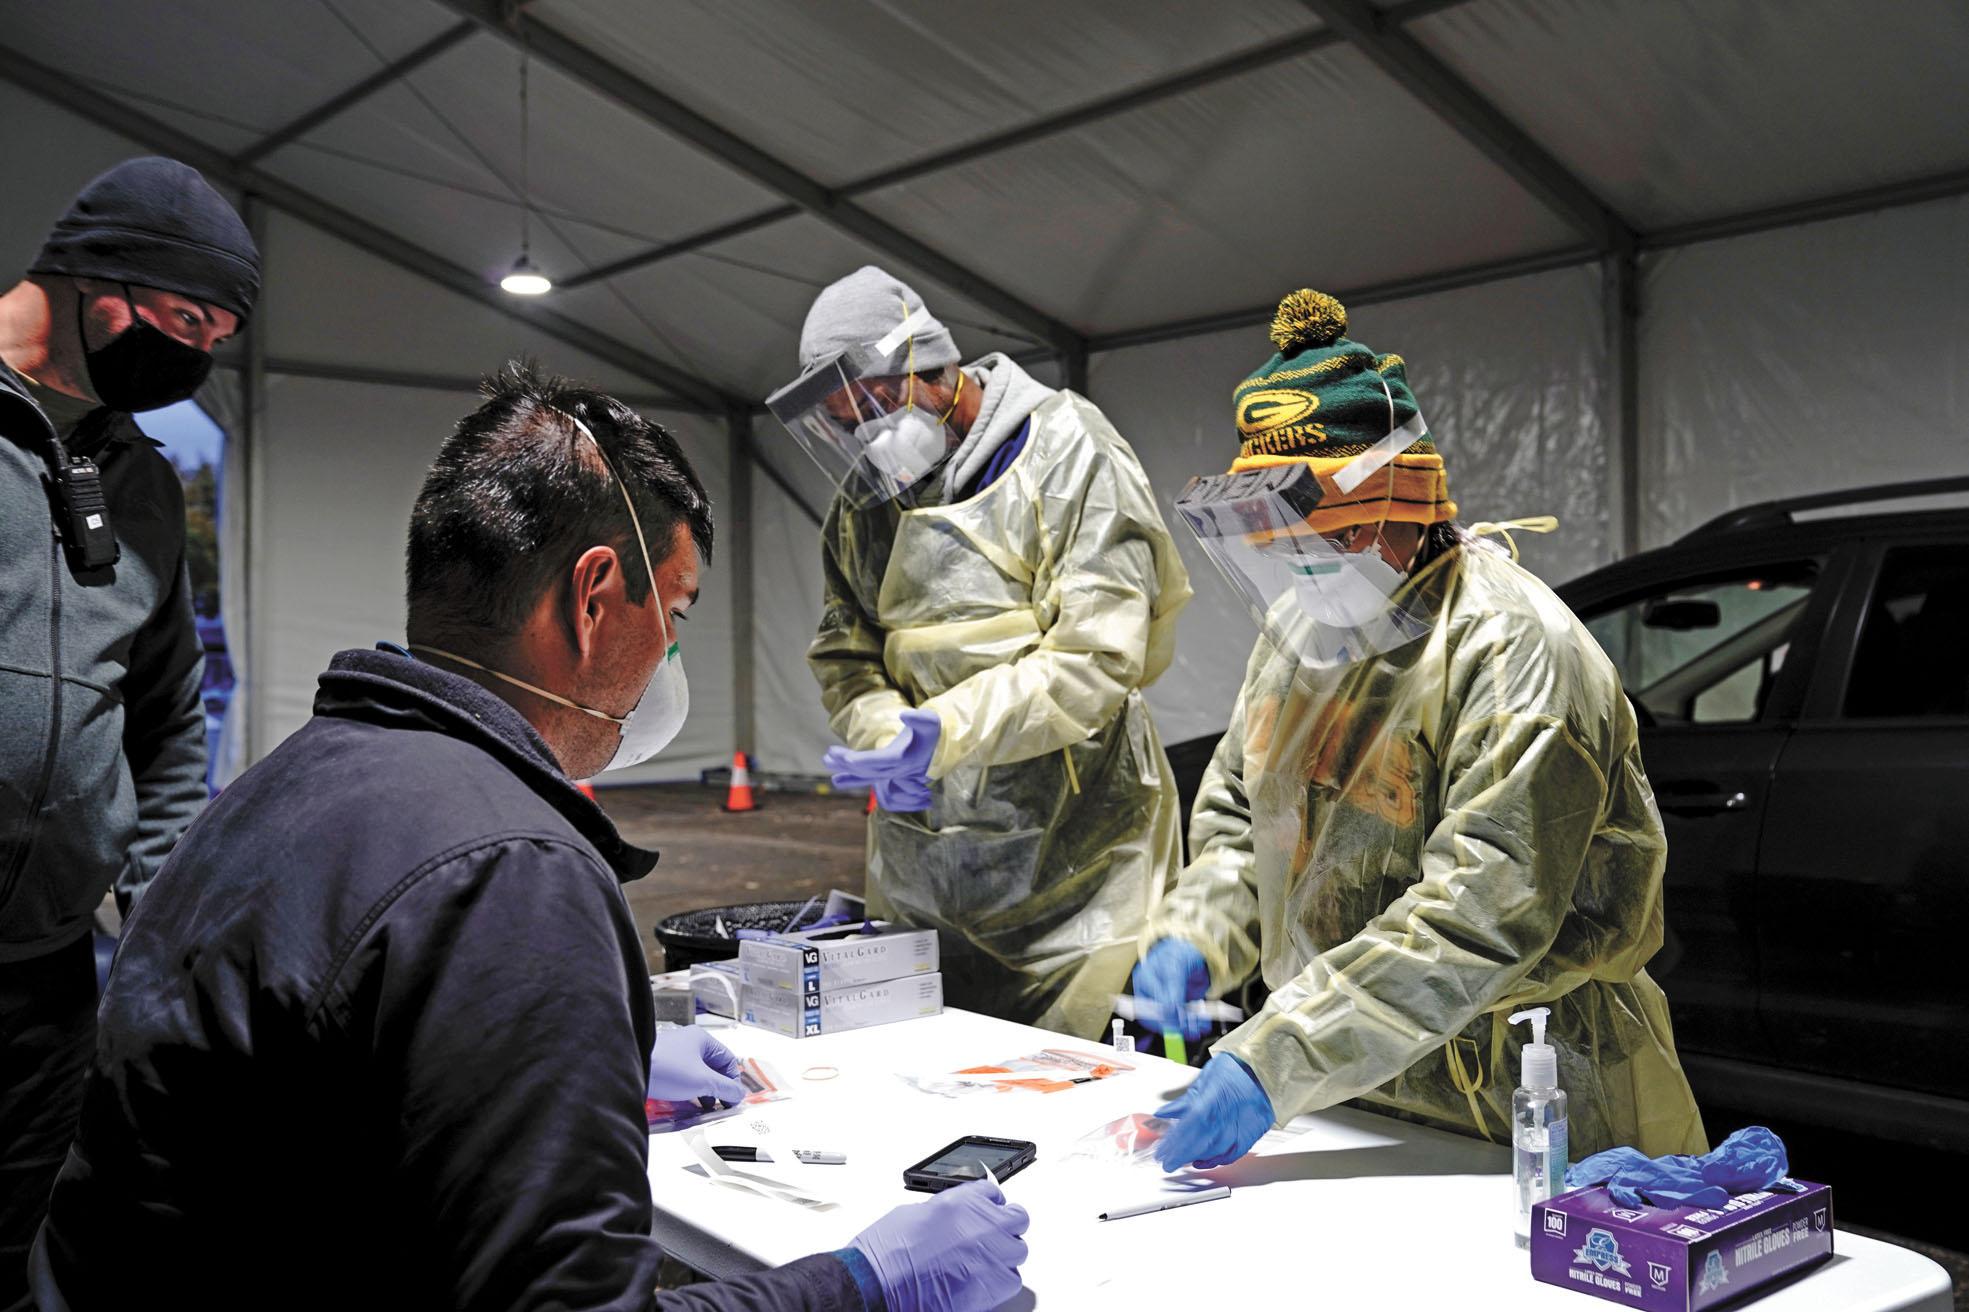 全美單日新增病例連續第二天接近8.4萬人,創下新冠疫情爆發以來的第二高紀錄。圖為工作人員正在進行核酸檢測。路透社